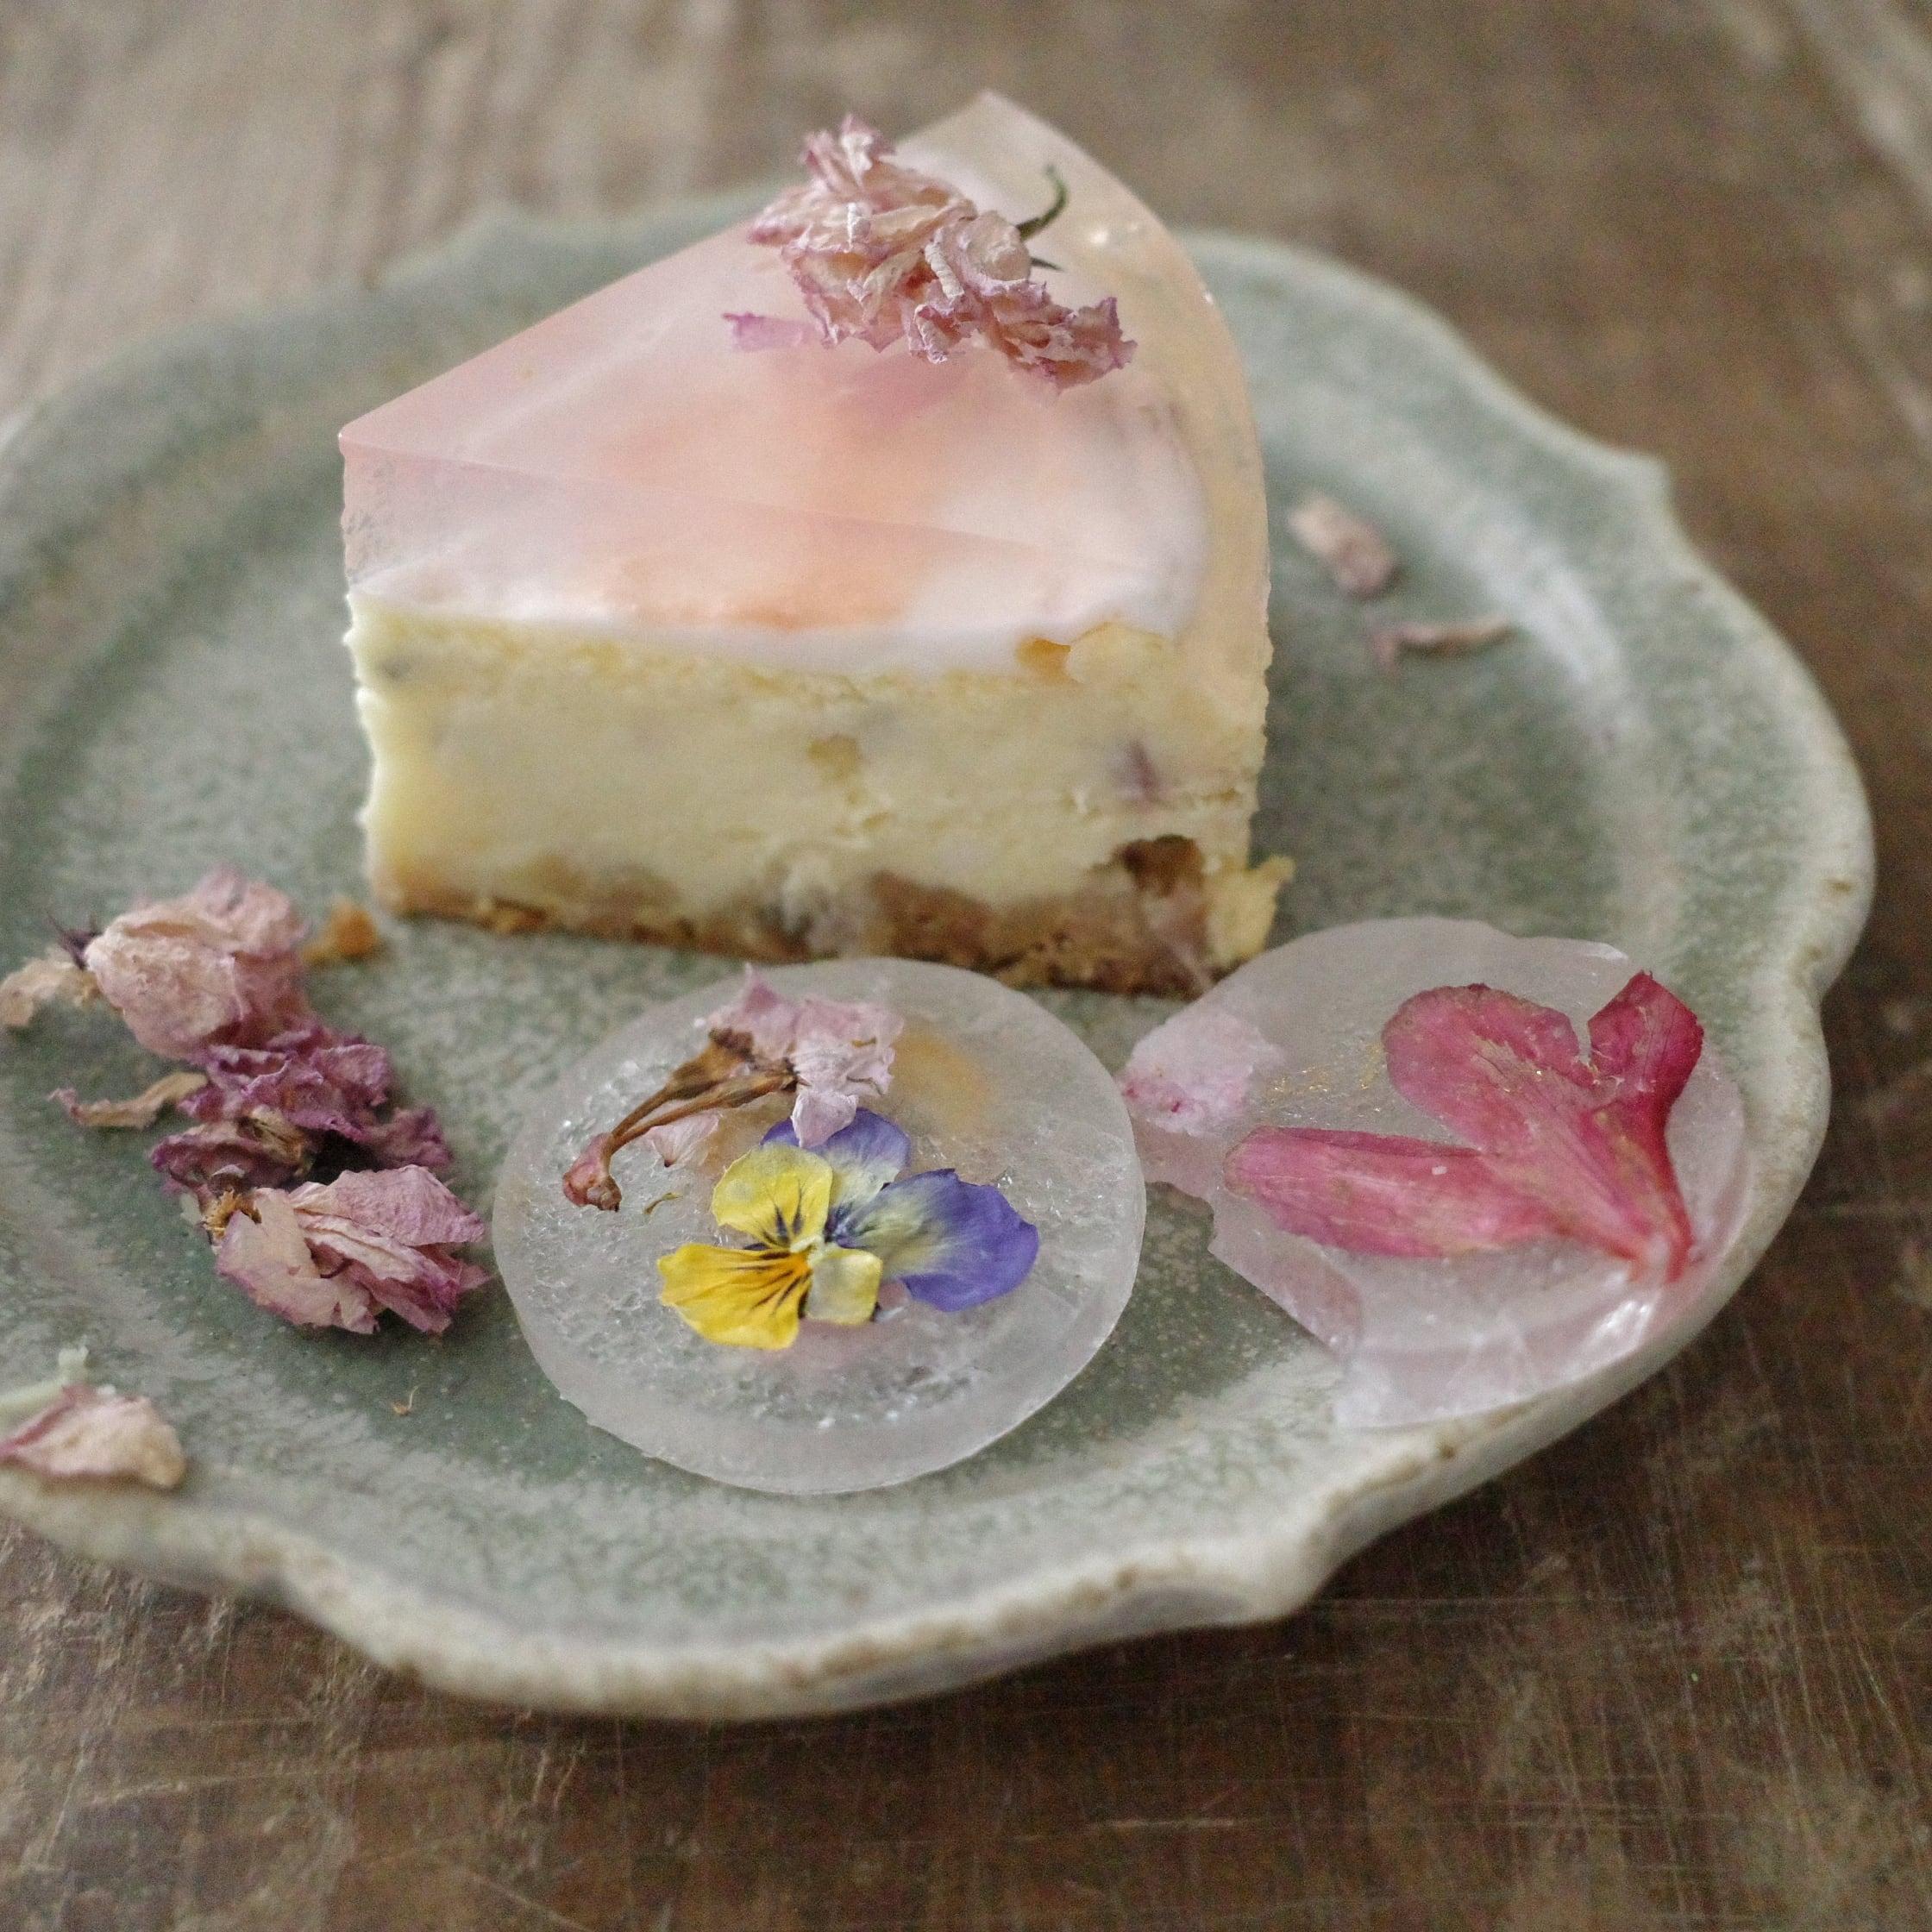 【母の日ギフト】桜のボタニカルチーズケーキ・琥珀糖のセット